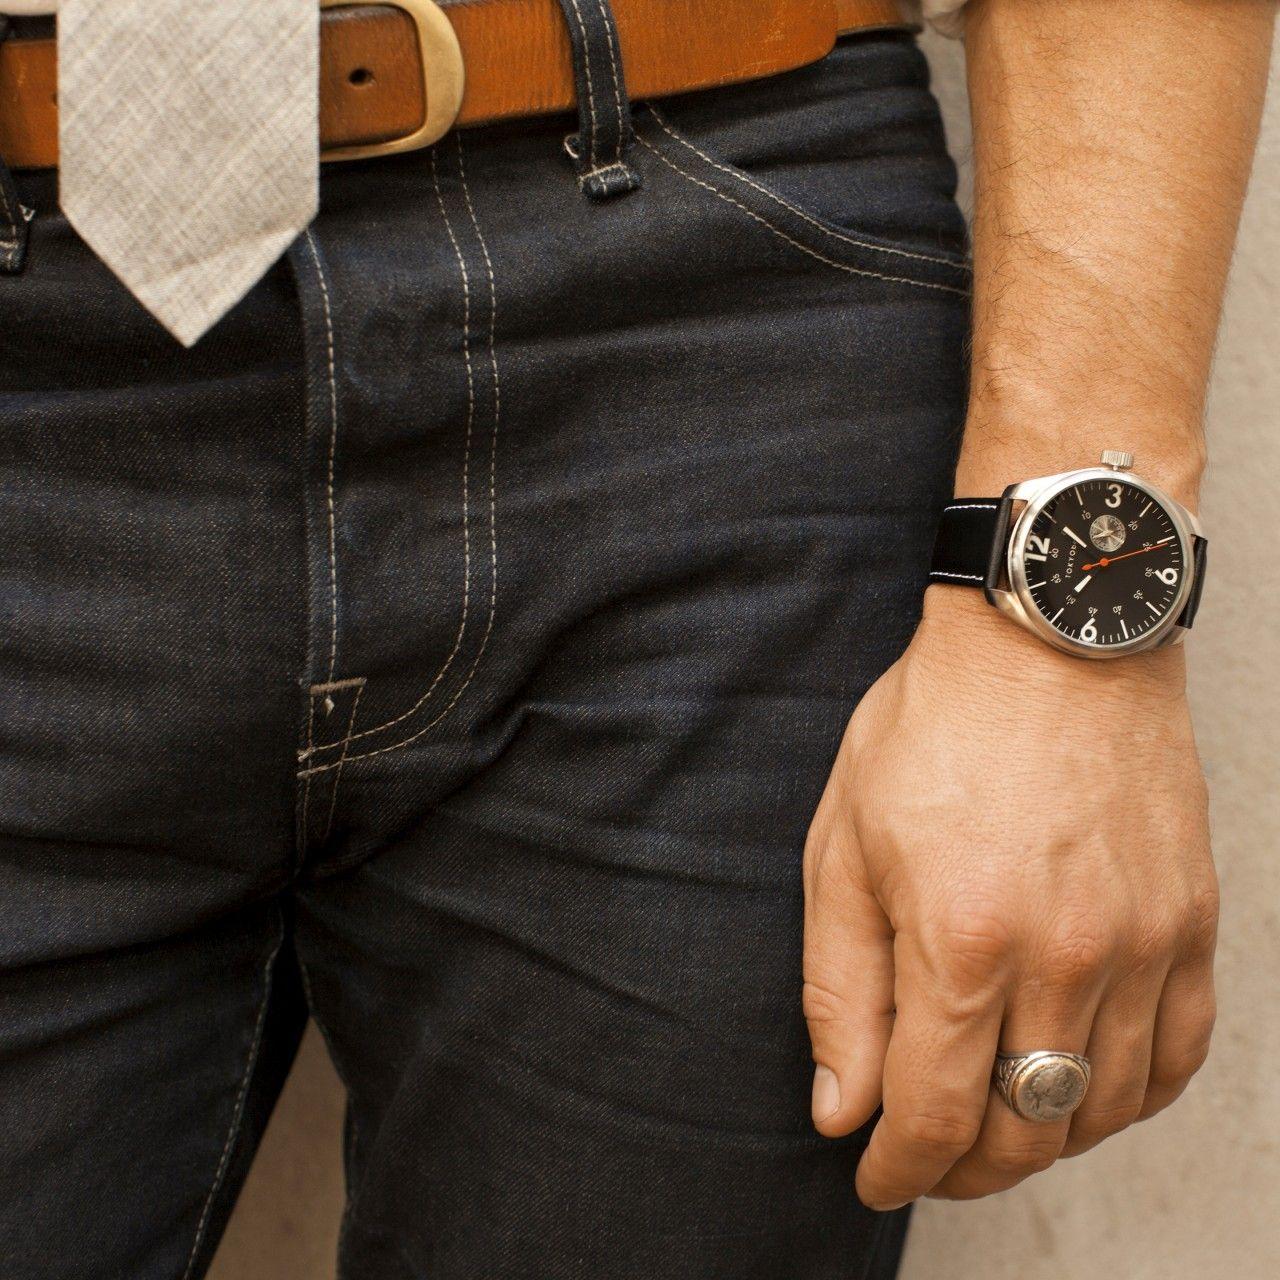 Jazz Black Watches Modrn Black Watch Modern Watches Running Fashion